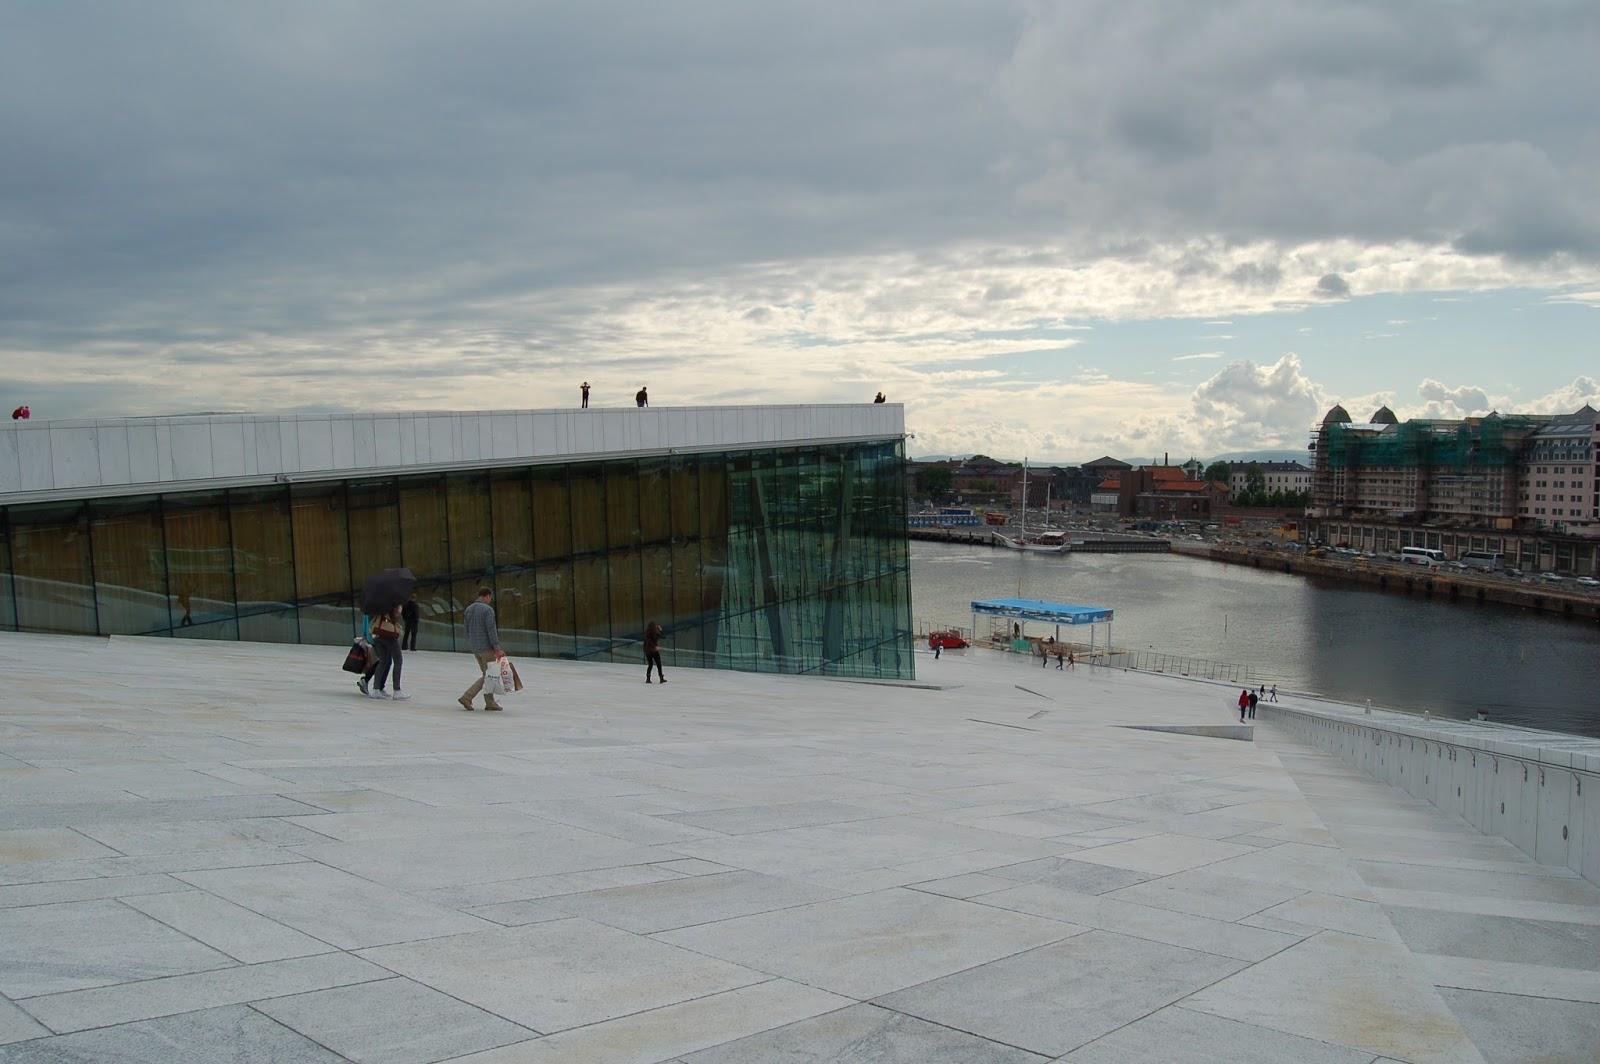 bryła opery w Oslo, Norwegia